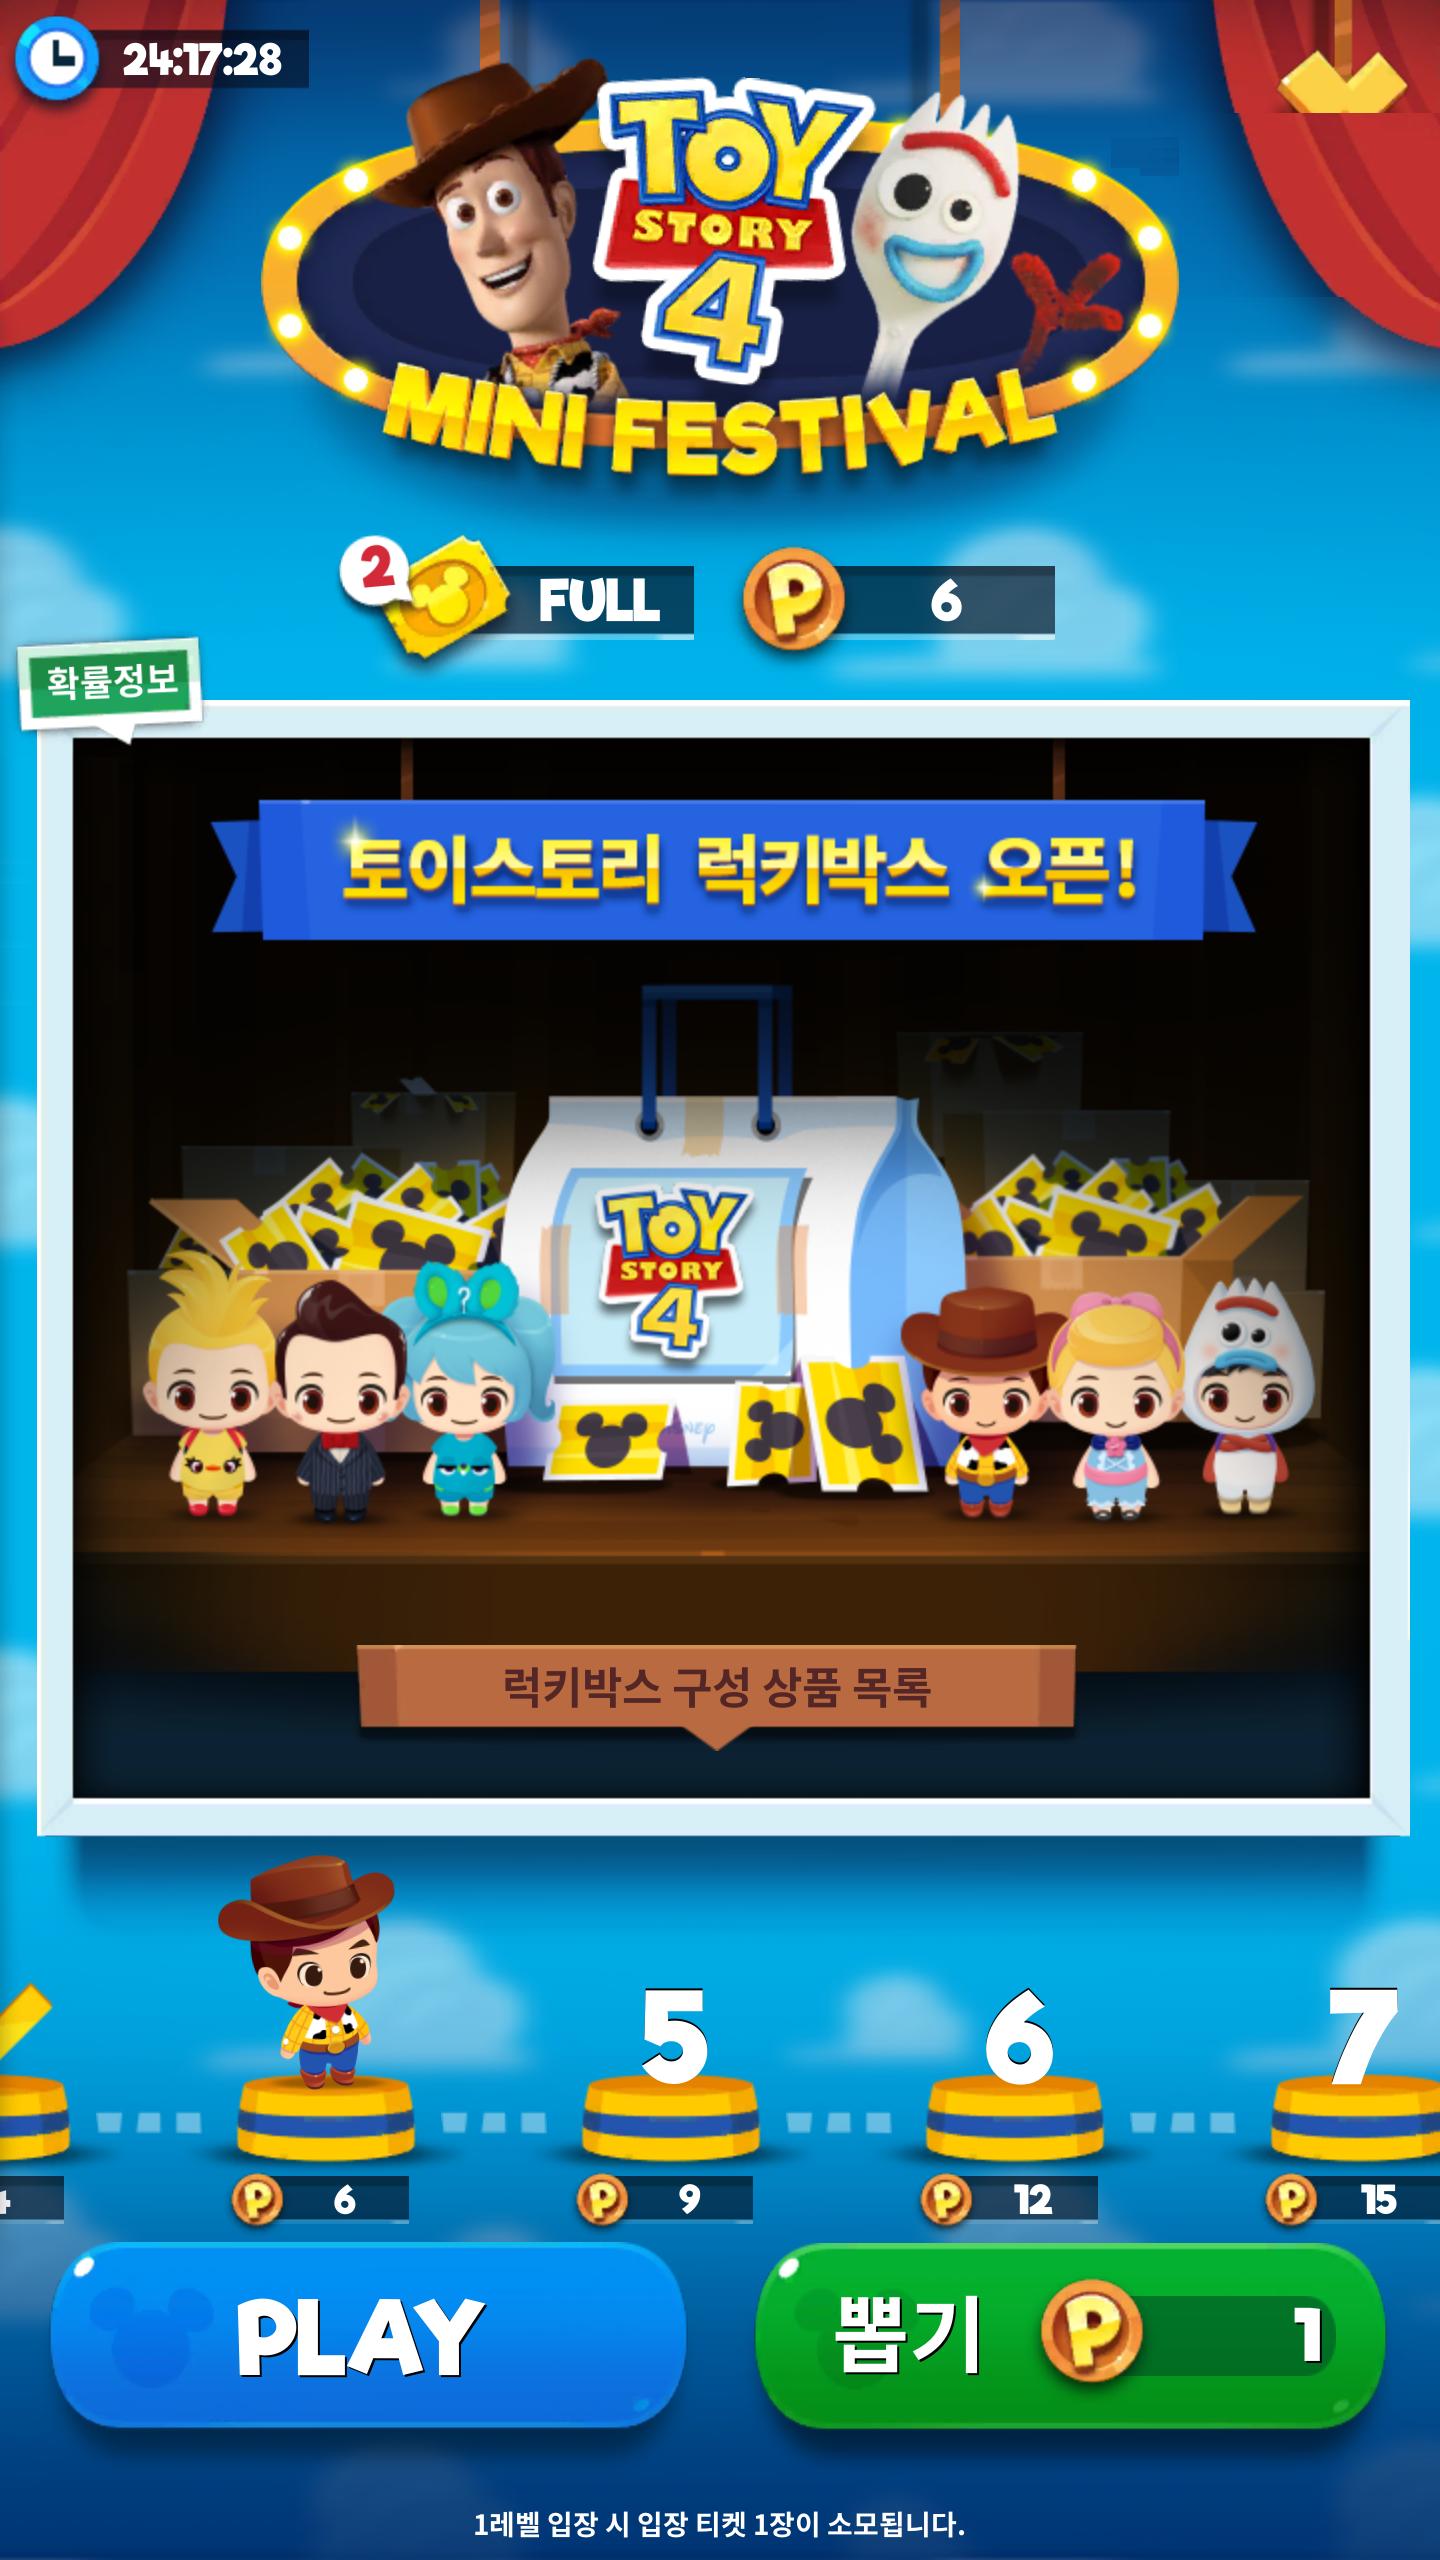 디즈니팝 메인 이미지.png